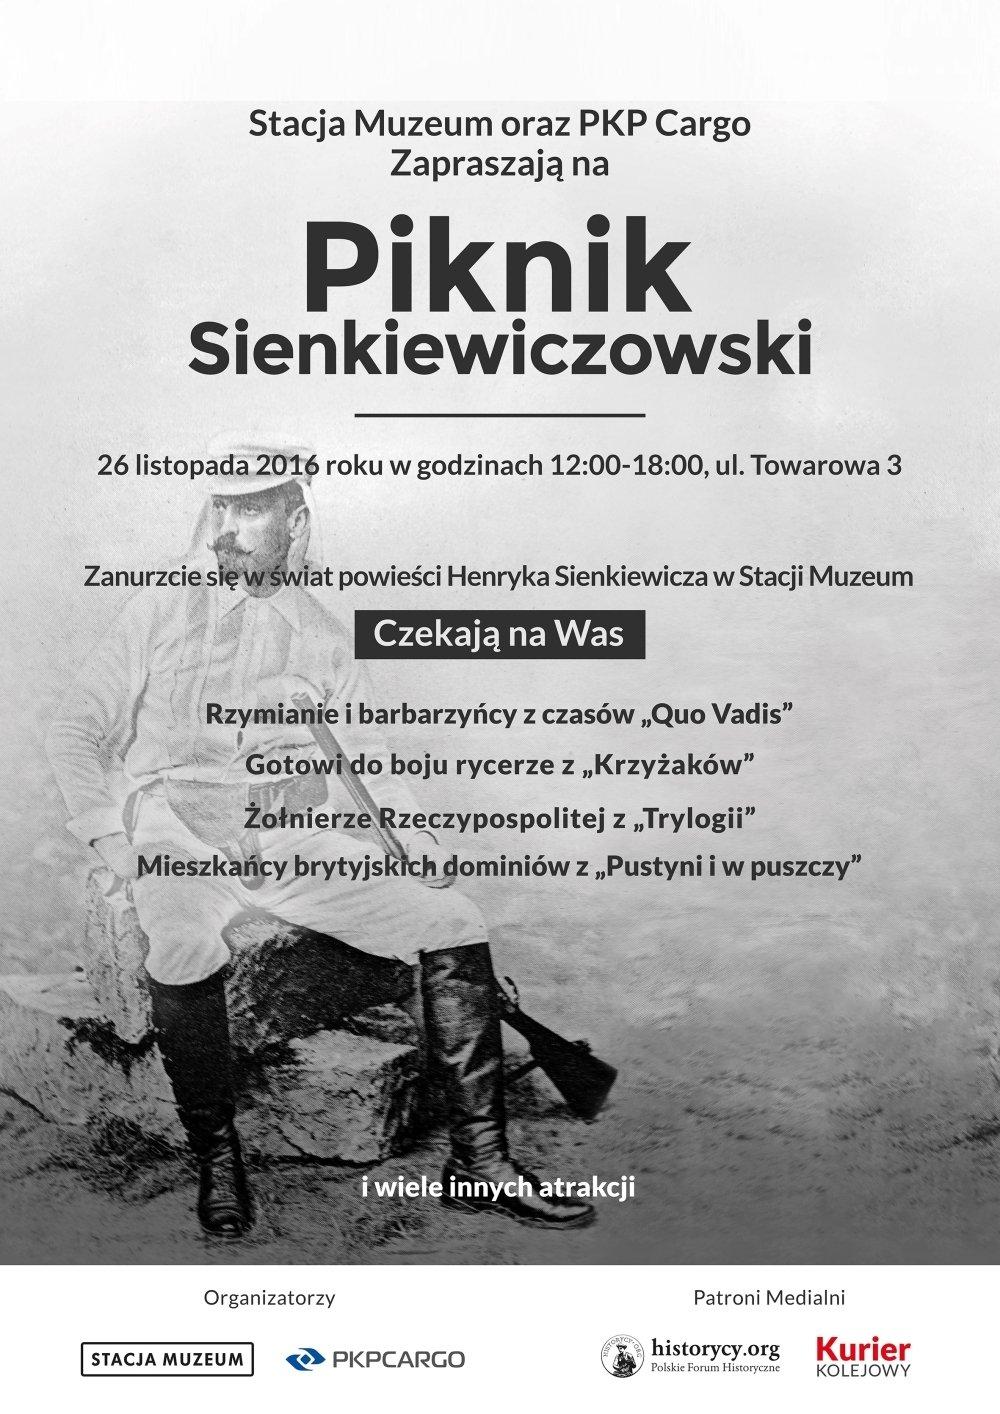 piknik_sienkiewiczowski_plakat_maly